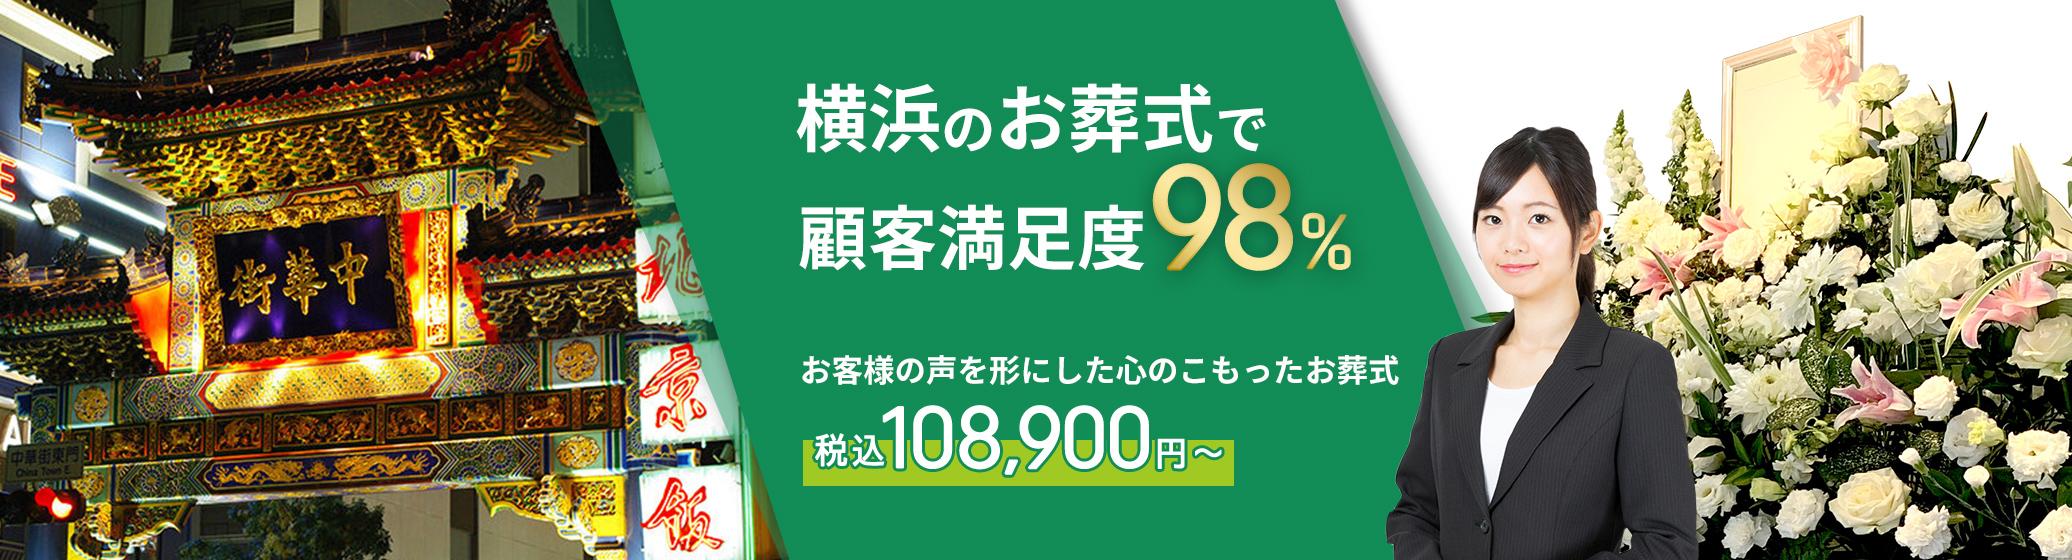 横浜市で葬儀をお考えの方へ安心価格で納得のお葬式が定額プラン・葬儀に必要なものすべて含んで140,000円(税込)